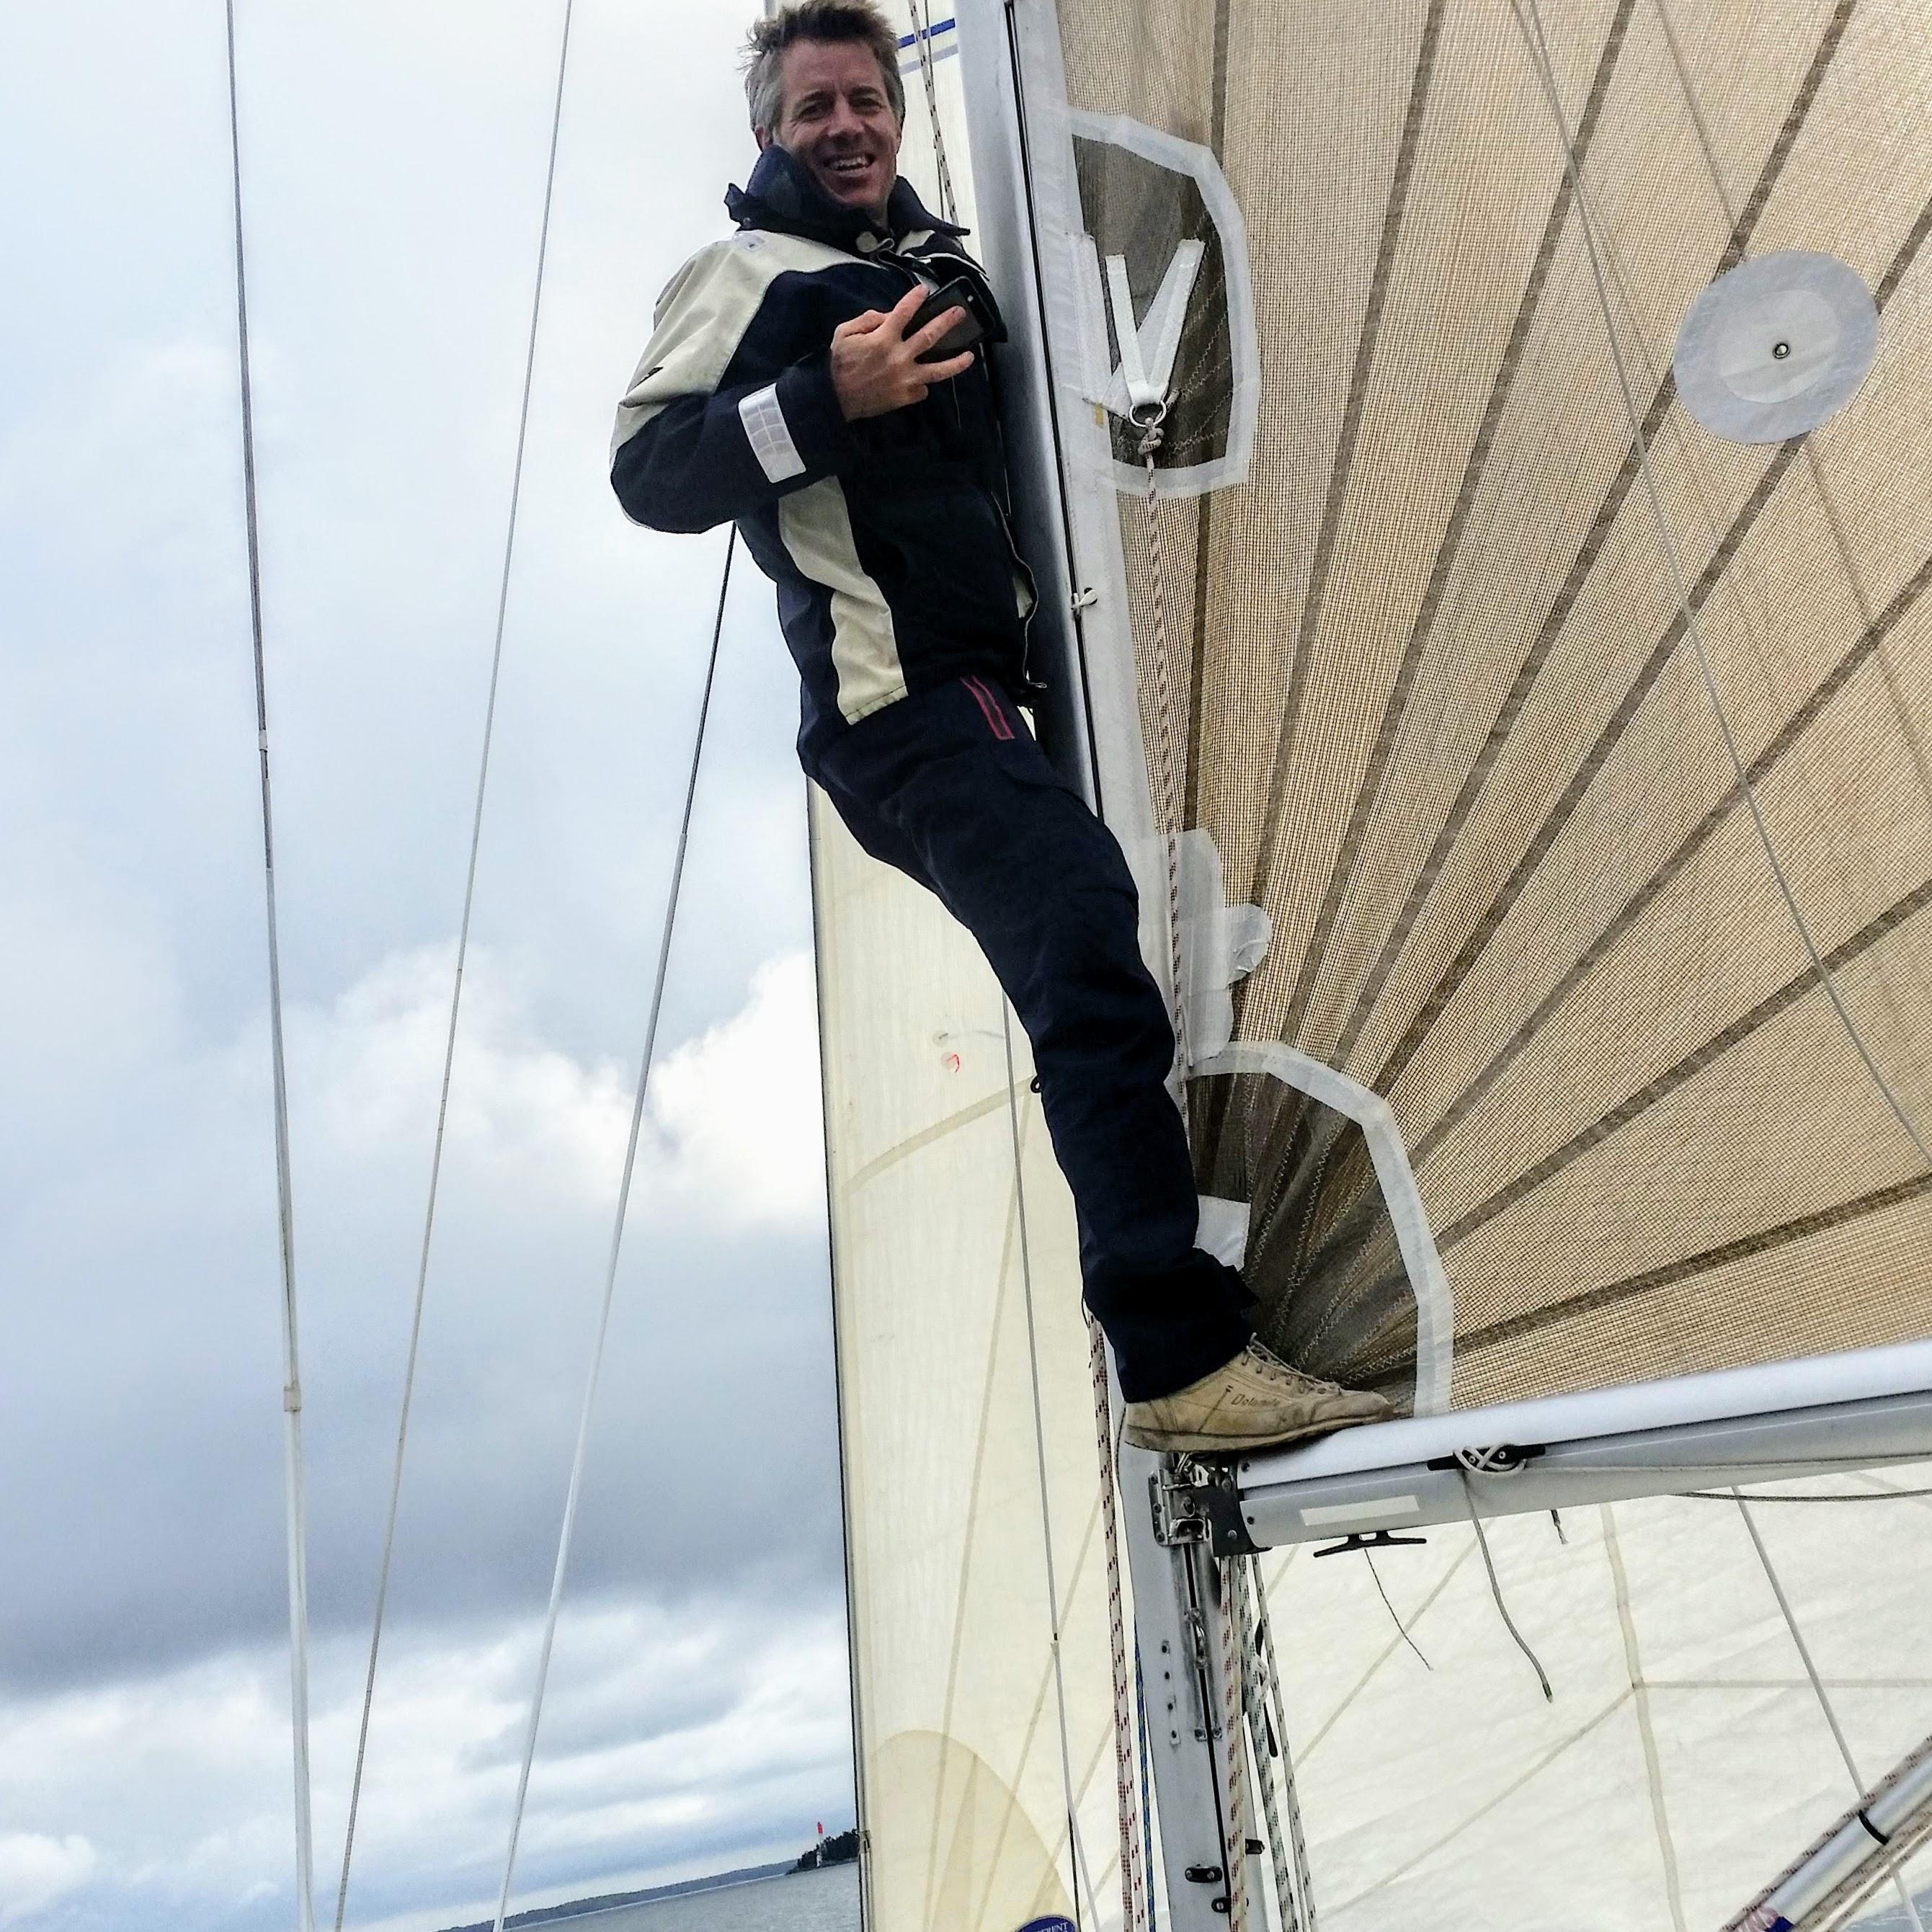 Fotograferande man klättrar på bommen under segling